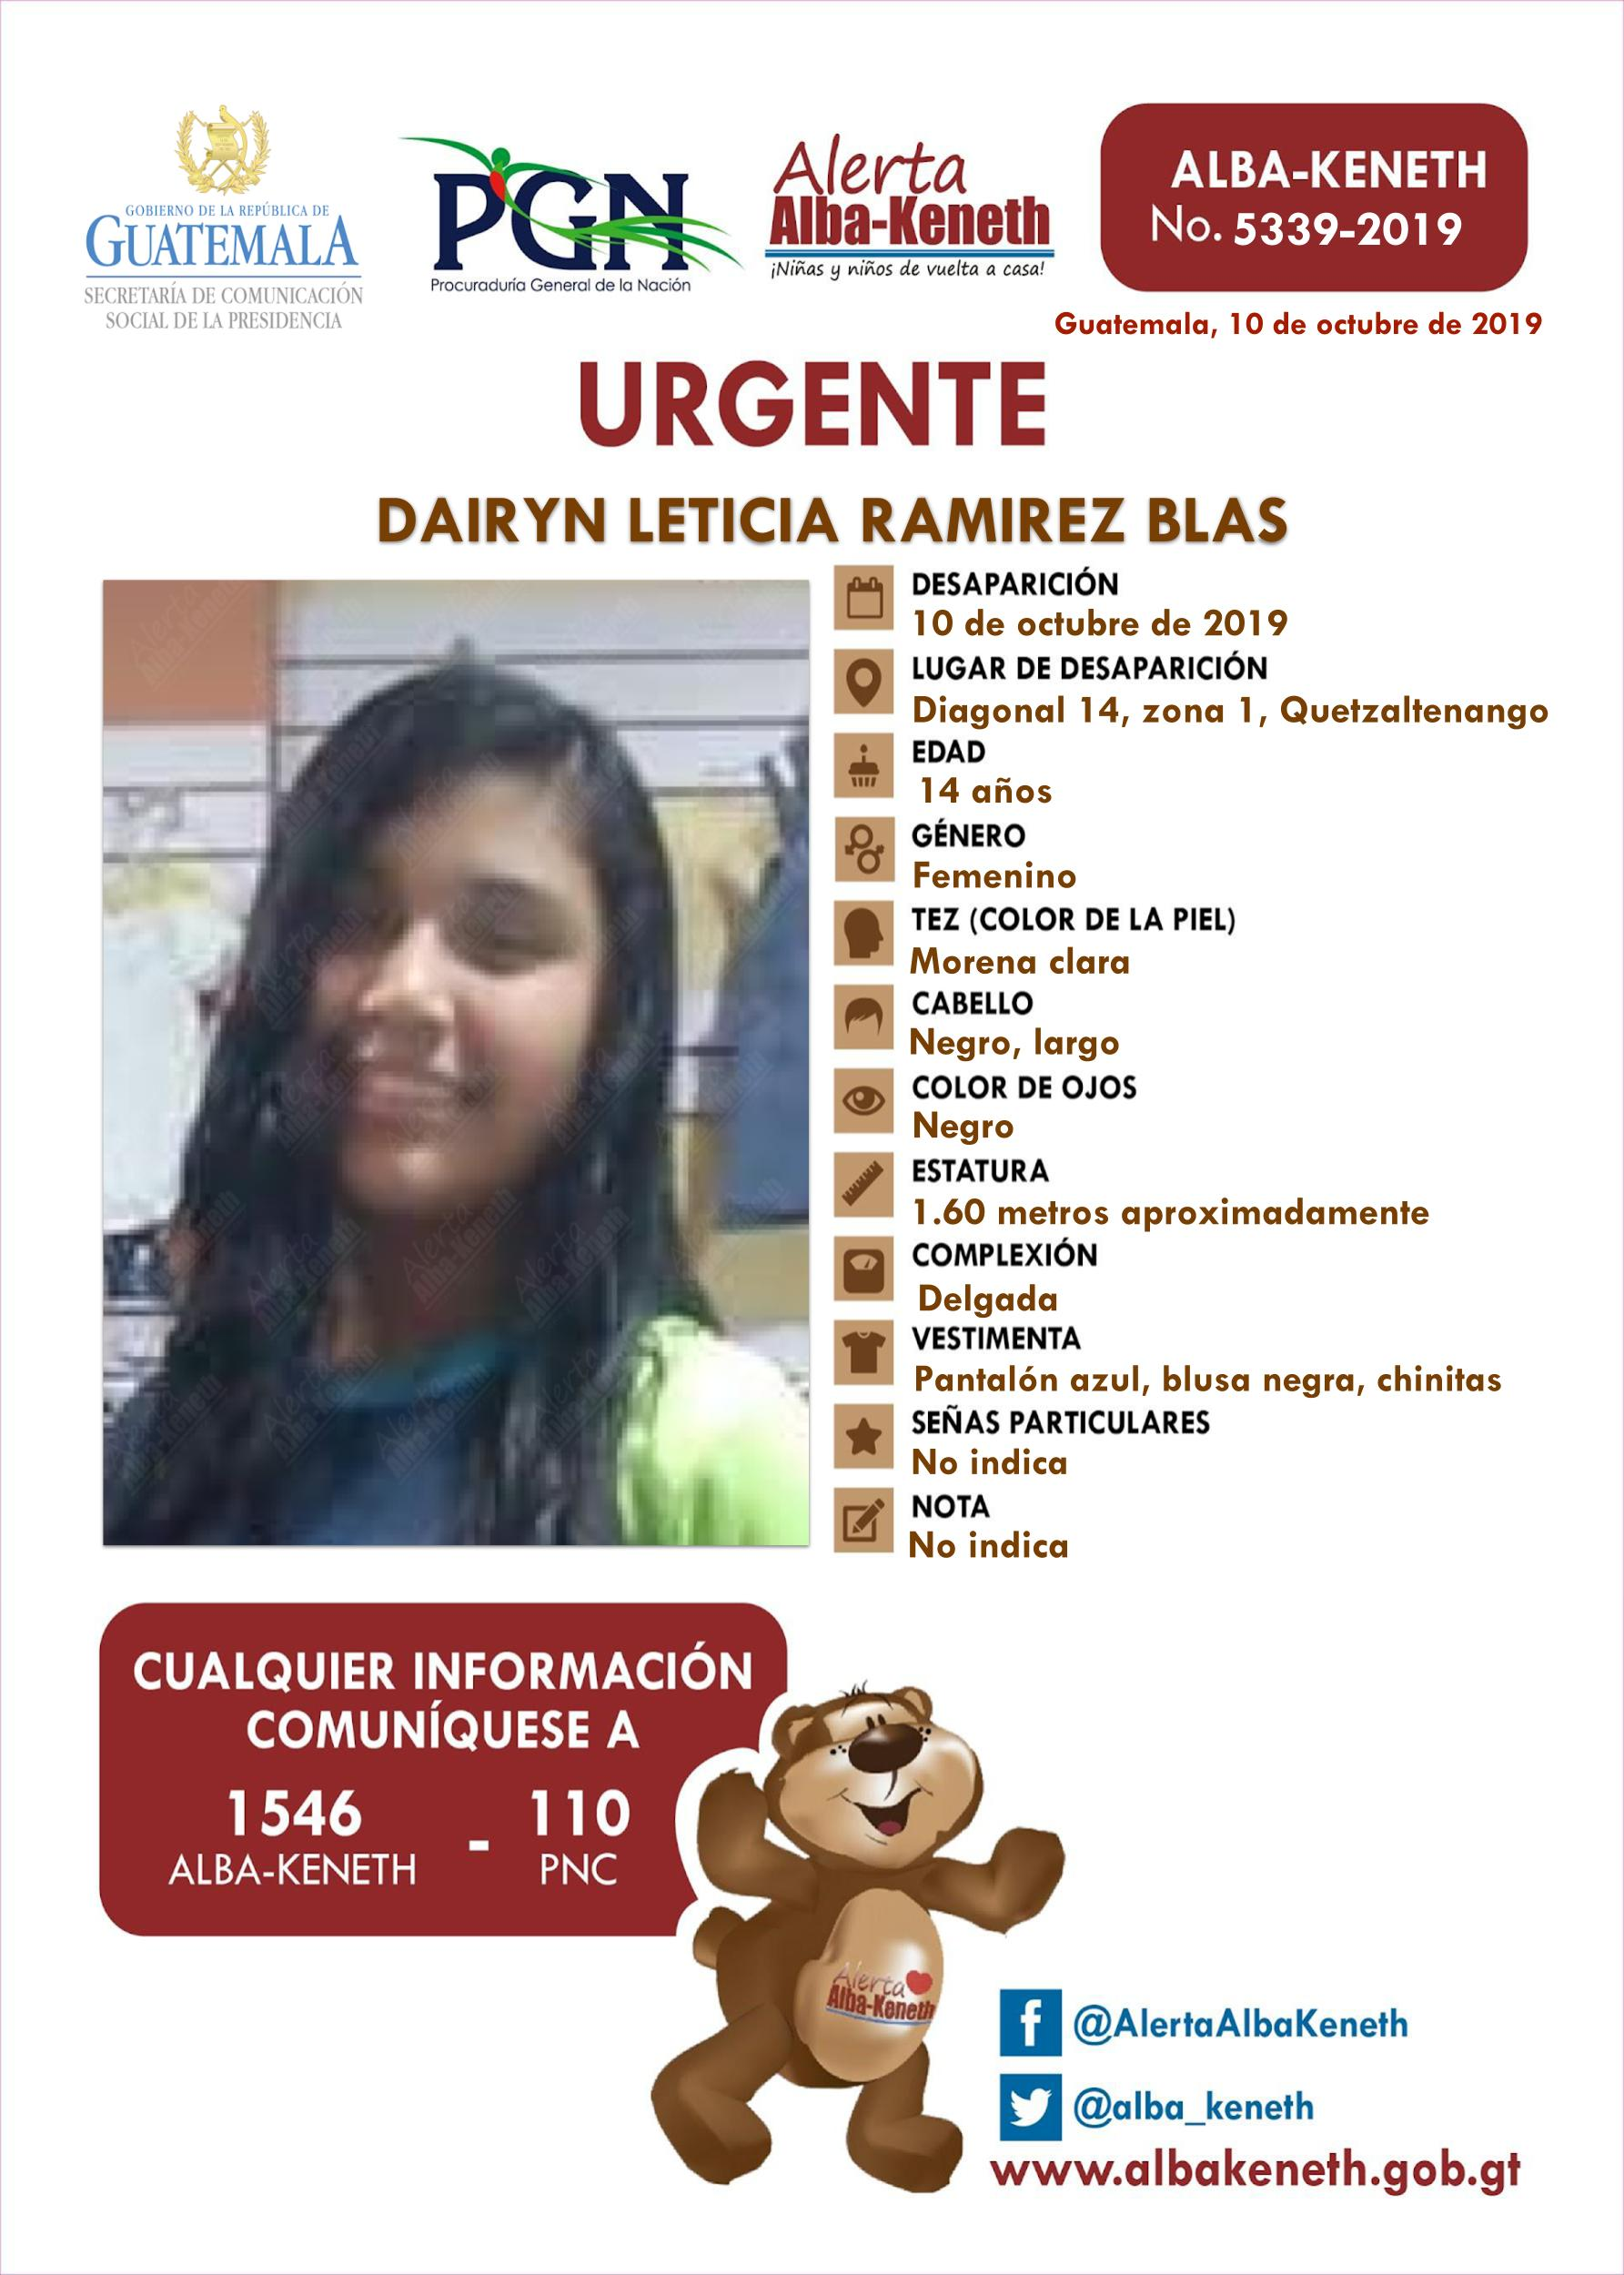 Dairyn Leticia Ramirez Blas